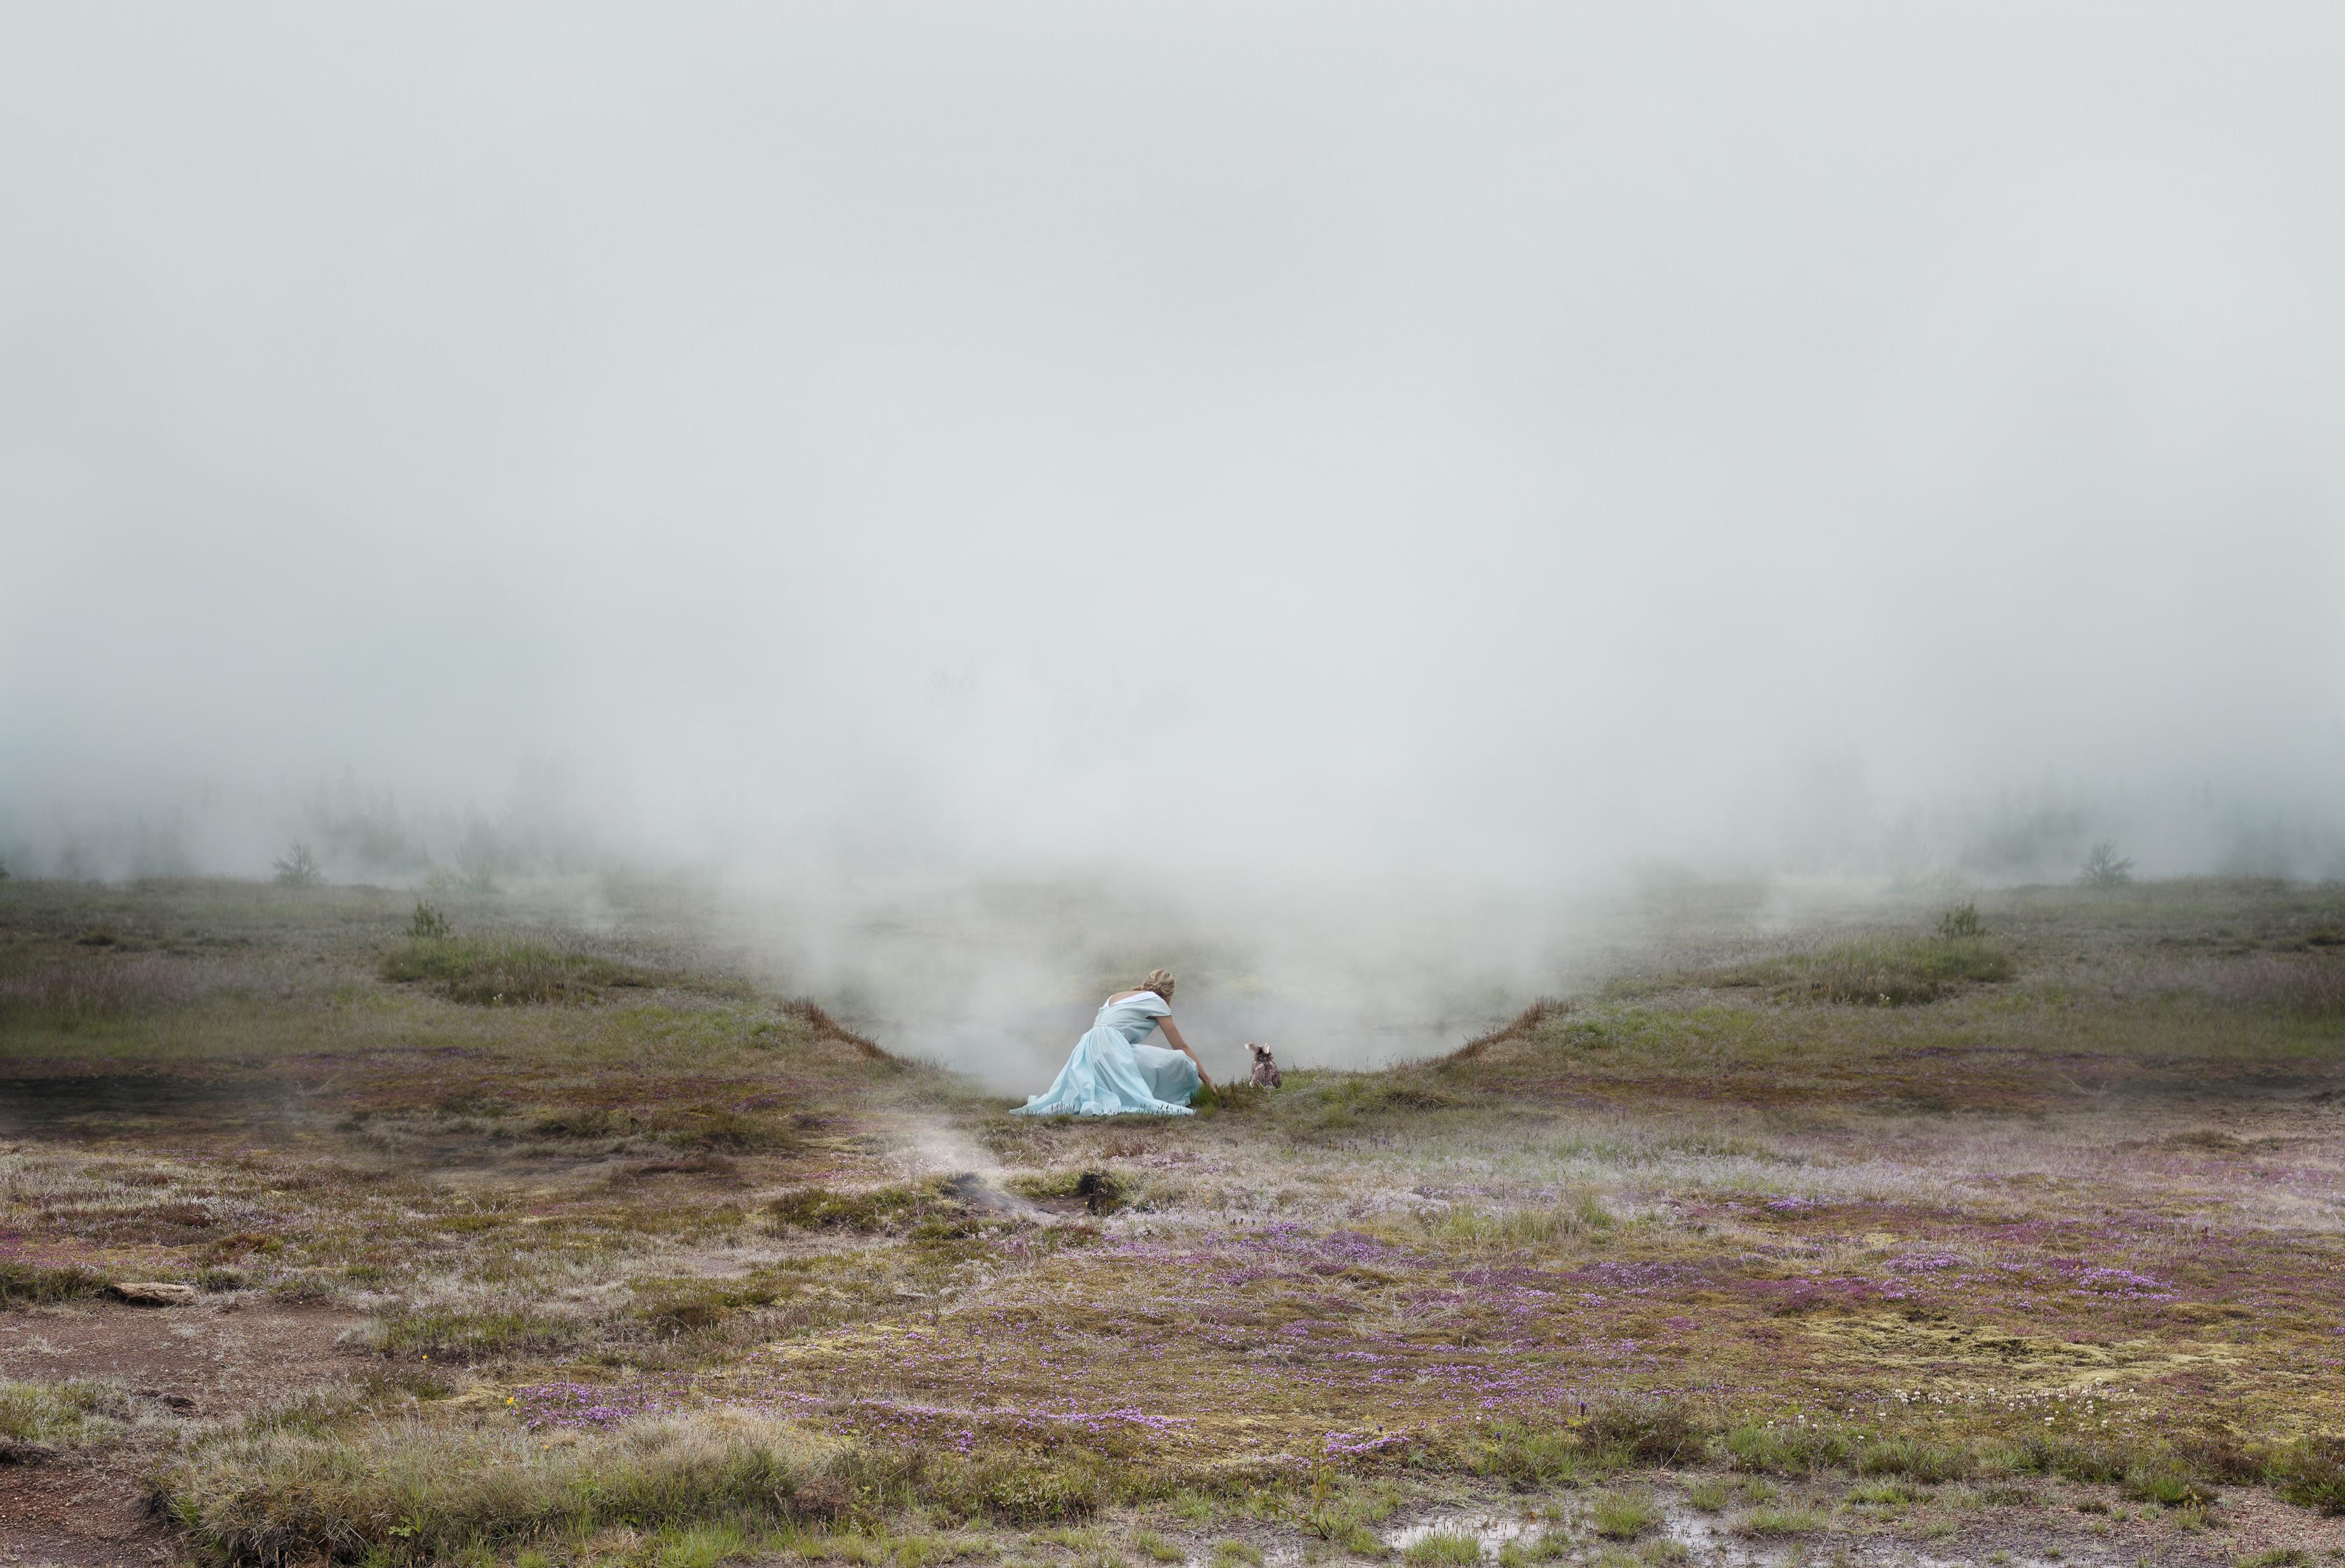 Ann Eringstam - In search of wonderland 2